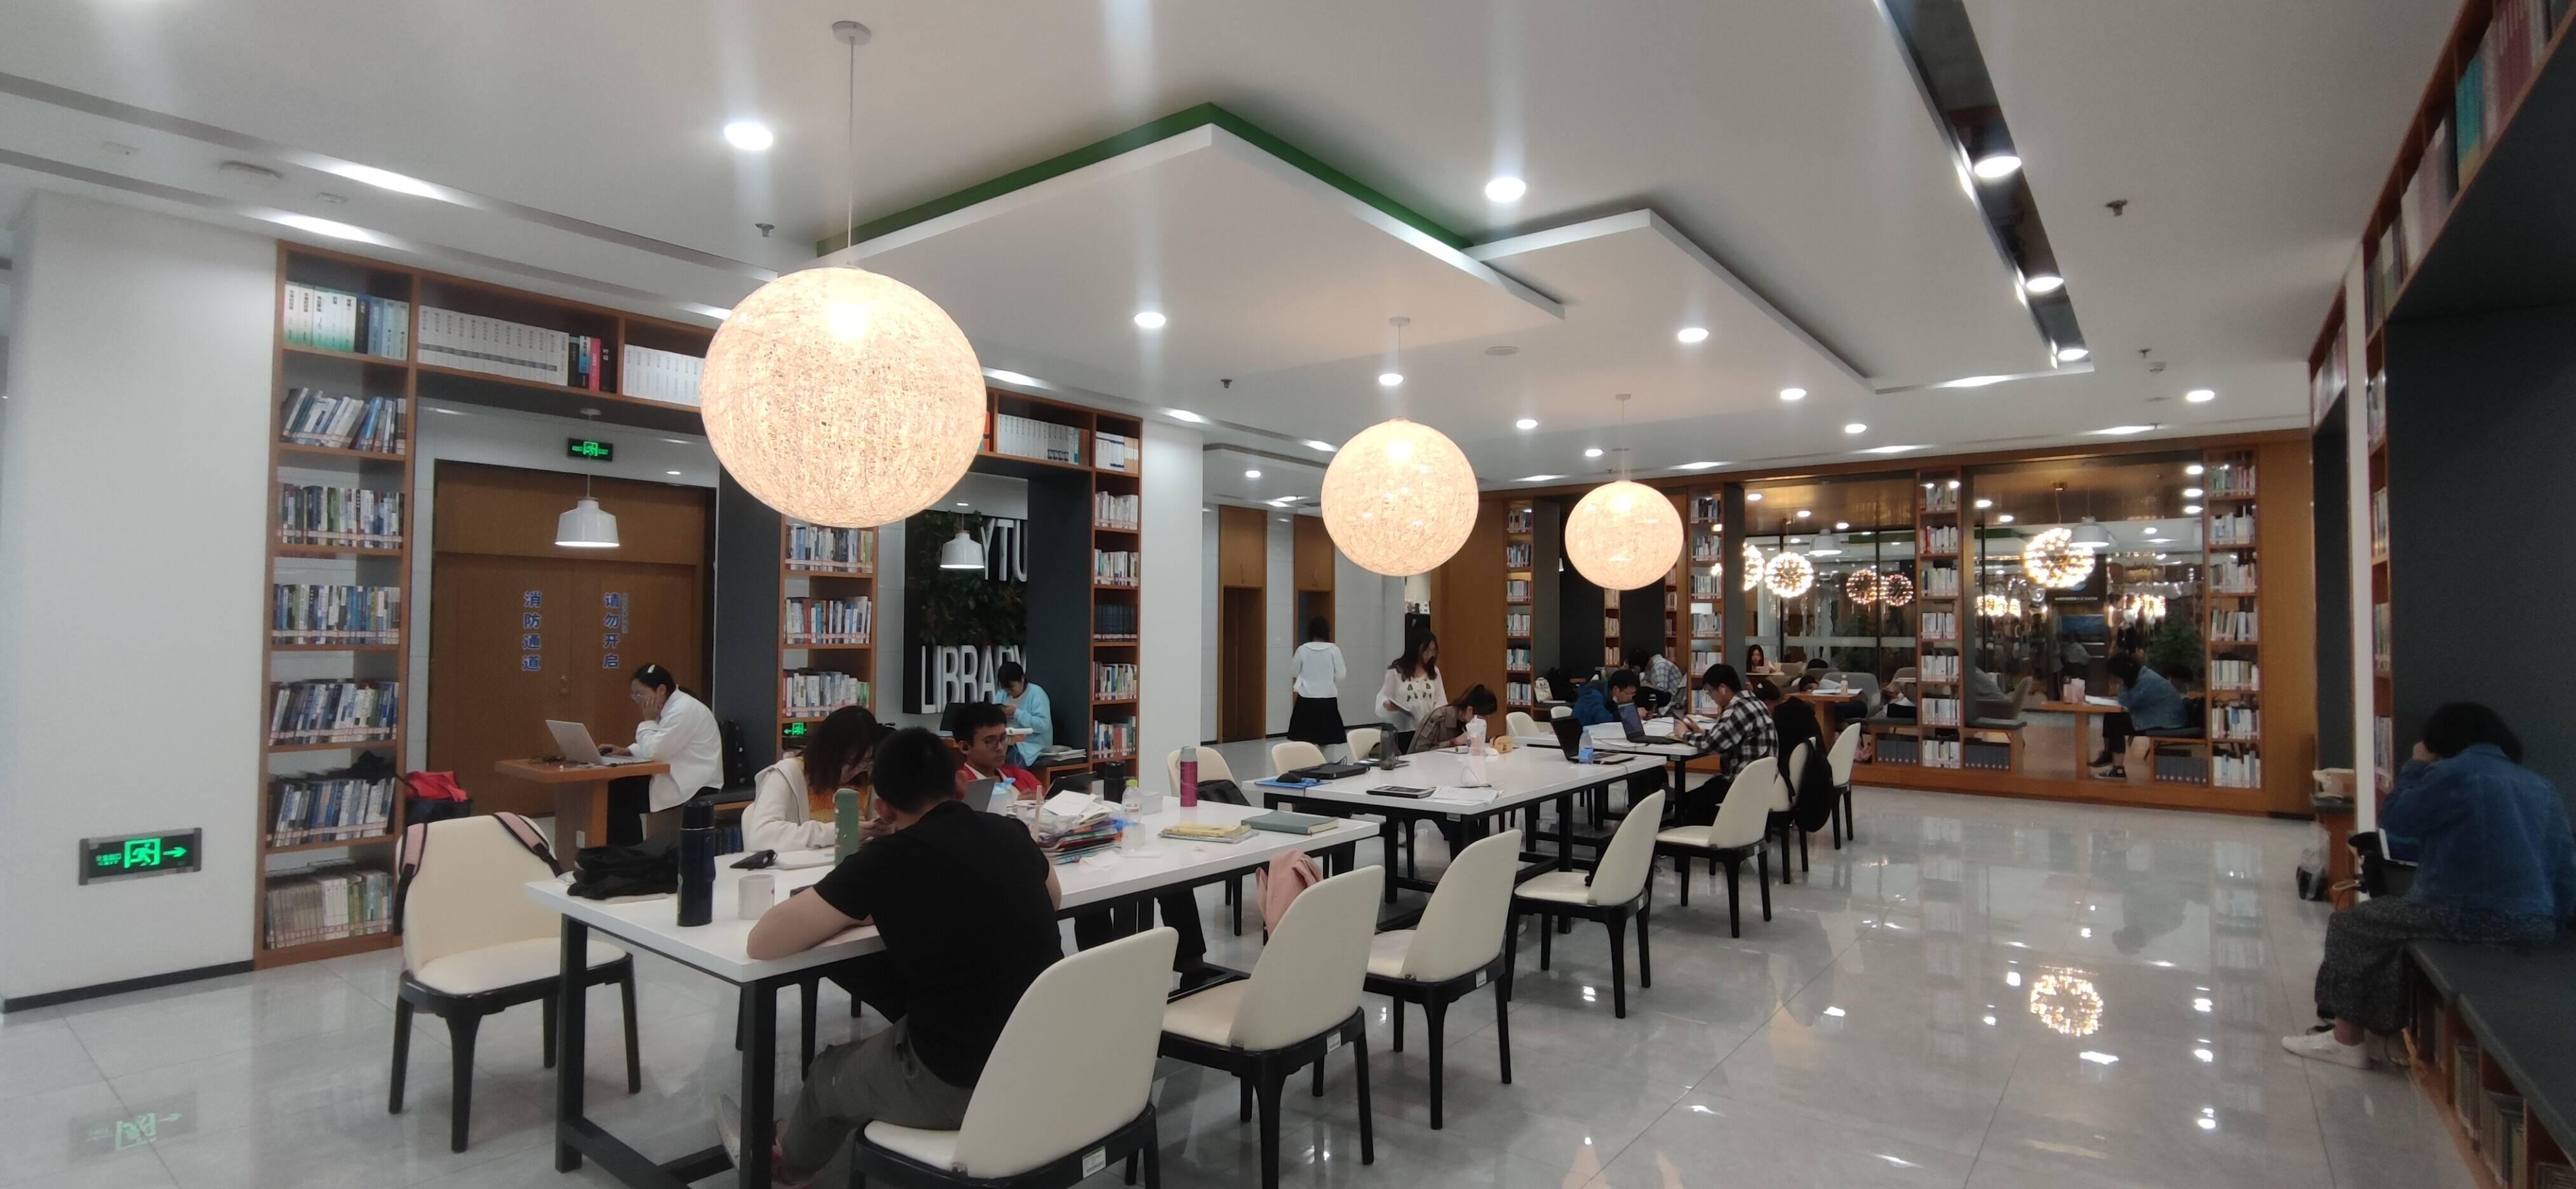 山东:2023年全省中小学校食堂全部达到规范化食堂标准